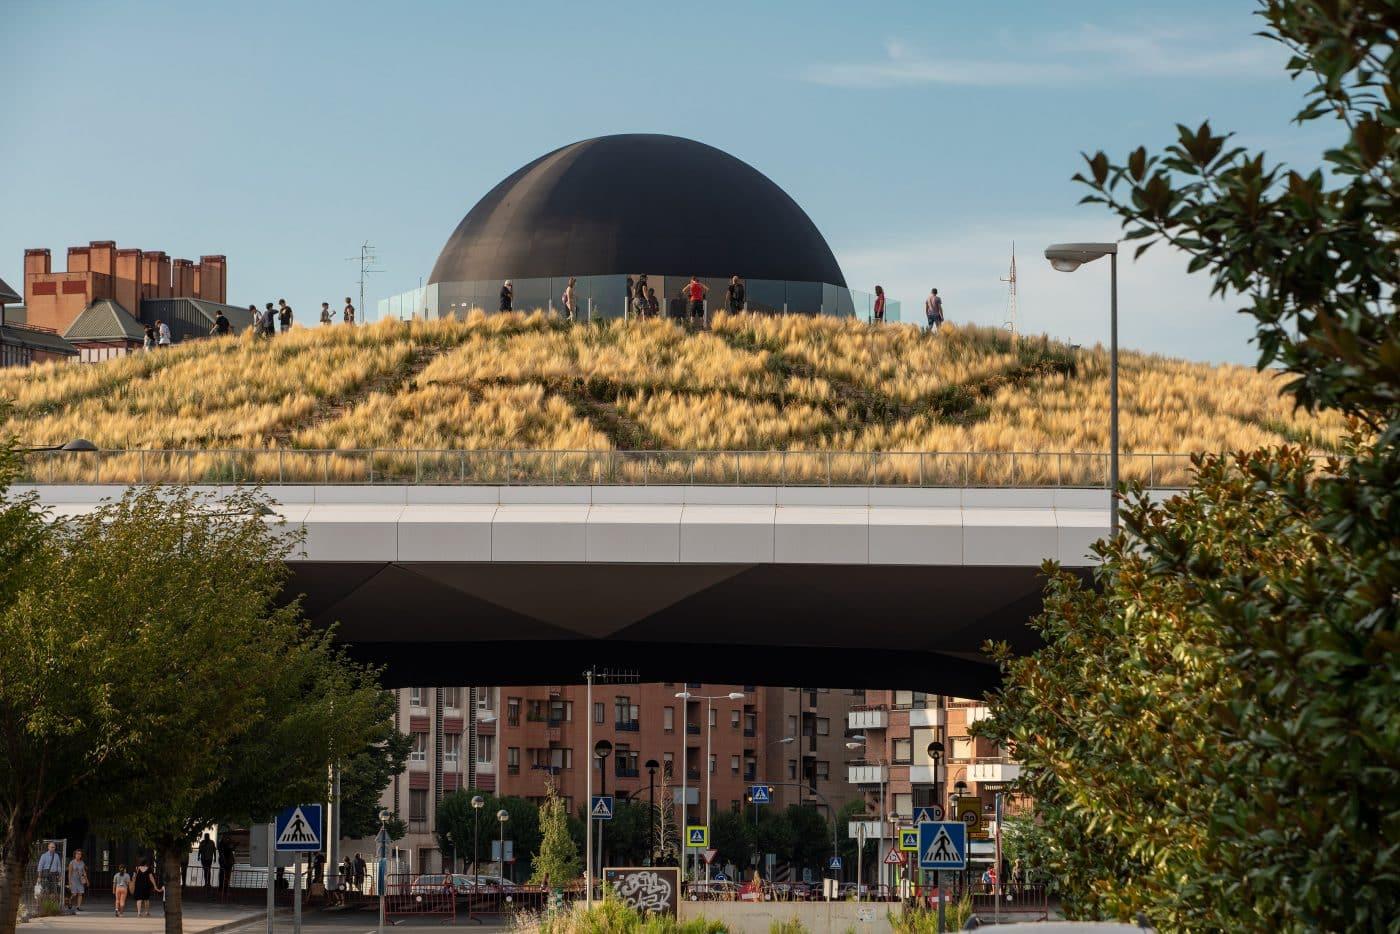 """FOTOS: Inaugurado Concéntrico 07, """"una ciudad construida dentro de otra ciudad"""" 1"""